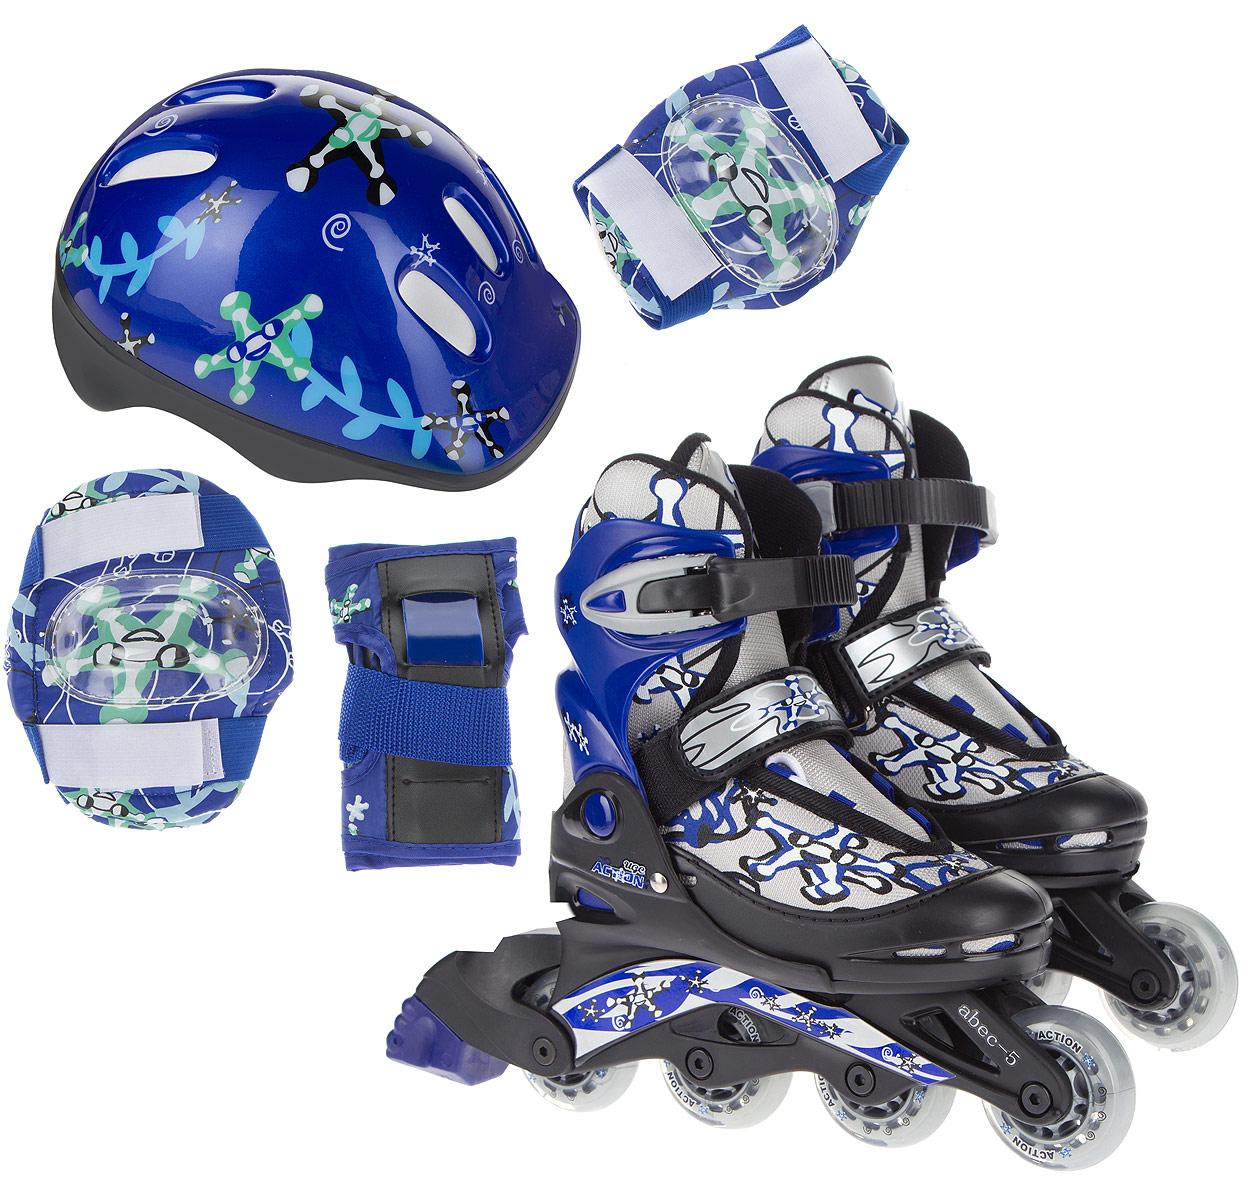 Набор Action: коньки роликовые, защита, шлем, цвет: синий, белый, черный. Размер 34/37. PW-780PW-780Набор для катания на роликах Action состоит из роликовых коньков, защиты (колени, локти, запястья) и шлема. Ботинок конька изготовлен из текстильного материла со вставкам из искусственной кожи, обеспечивающих максимальную вентиляцию ноги. Облегченная конструкция ботинка из пластика обеспечивает улучшенную боковую поддержку и полный контроль над движением. Изделие по верху декорировано оригинальным принтом. Подкладка из мягкого текстиля комфортна при езде. Стелька изготовлена из ЭВА материала с текстильной верхней поверхностью. Классическая шнуровка с ремнем на липучке обеспечивает плотное закрепление пятки. На голенище модель фиксируется клипсой с фиксатором. Прочная рама из полипропилена отлично передает усилие ноги и позволяет быстро разгоняться. Полиуретановые колеса обеспечат плавное и бесшумное движение. Износостойкие подшипники класса ABEC-5 наименее восприимчивы к попаданию влаги и песка. Задник оснащен широкой текстильной петлей, благодаря которой изделие удобно обувать.Верх шлема, оформленный ярким принтом, выполнен из поливинилхлорида, внутренняя часть - из пенополистирола. Отверстия предназначены для лучшей вентиляции. В комплект входят элементы защиты локтей, коленей и запястий. Основание выполнено из нейлона. Защитные накладки у подлокотников и наколенников исполнены из поливинилхлорида, а защитные накладки для запястий - из искусственной кожи и поливинилхлорида.Набор изначально выполнен в одной стилистике и прекрасно смотрится как целиком, так и по отдельности. Кроме того, вам не придется искать сумку для переноски и хранения - набор уже поставляется в специальном рюкзачке из цветной ткани с демонстрационным окошком, который выполнен из нейлоновой сетки.В комплект входят два угловых шестигранных ключа.